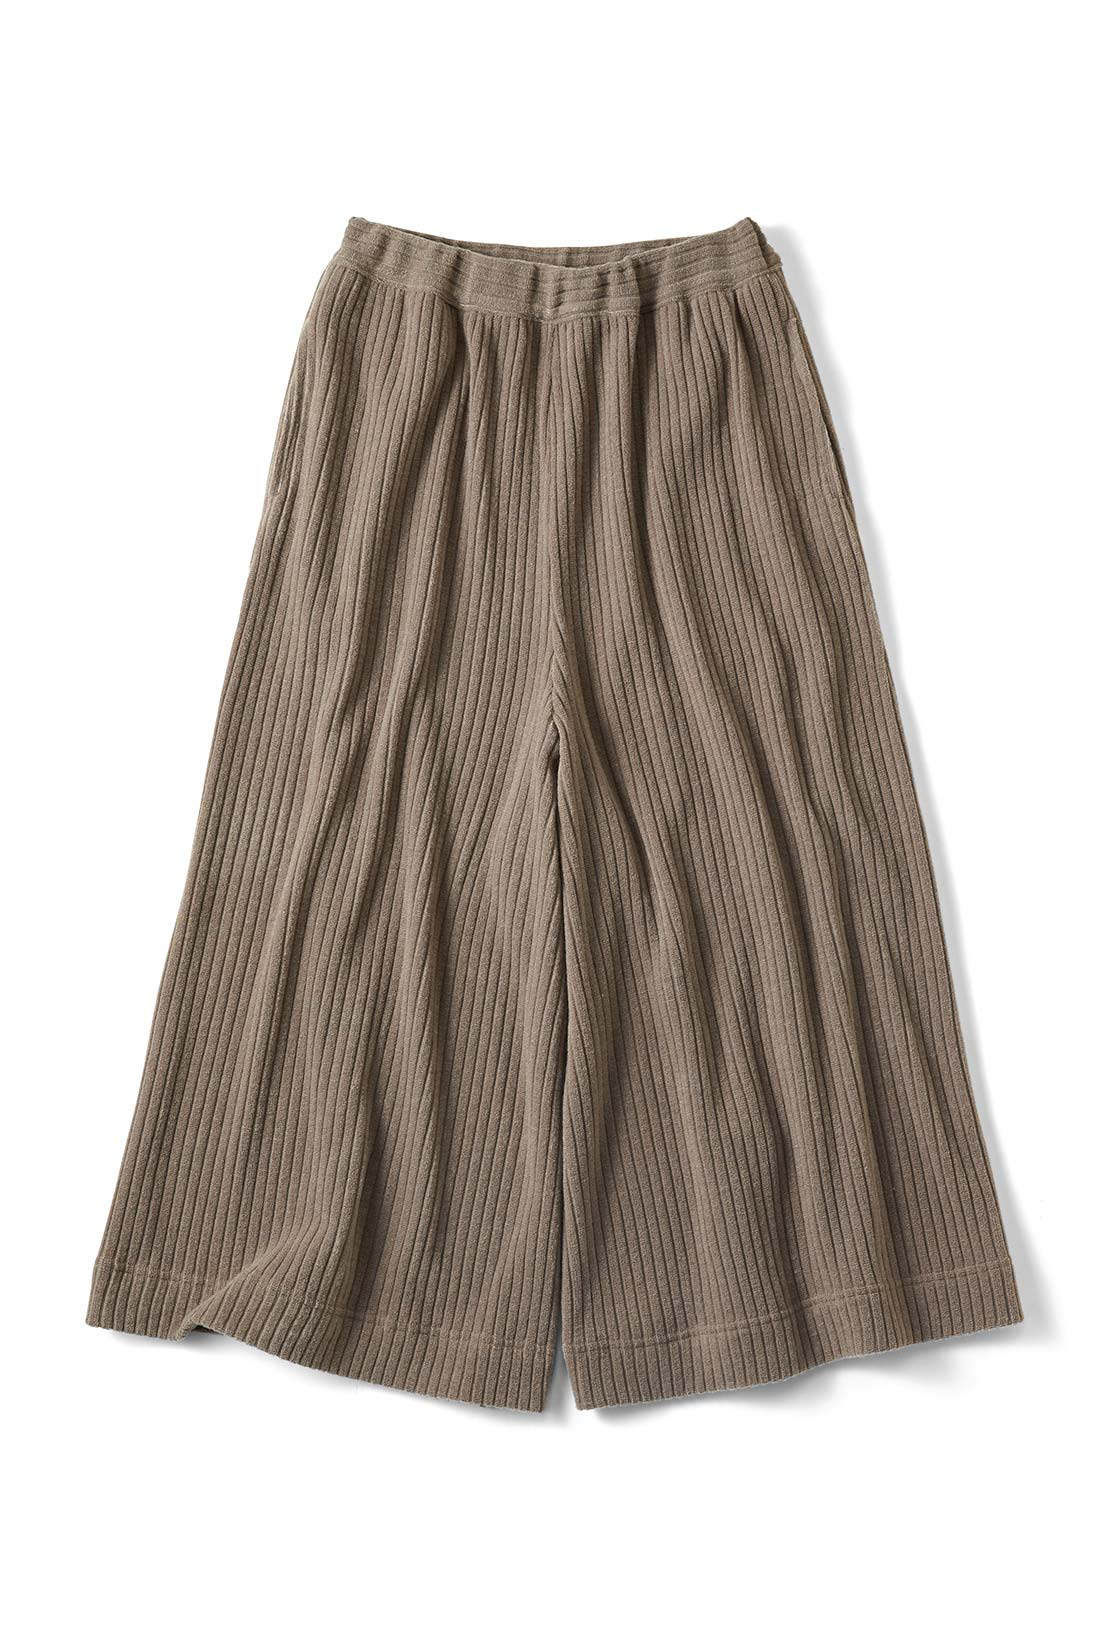 【グレー】はくとロングスカートみたいなシルエット。リブニットだからしわしわにならないの。